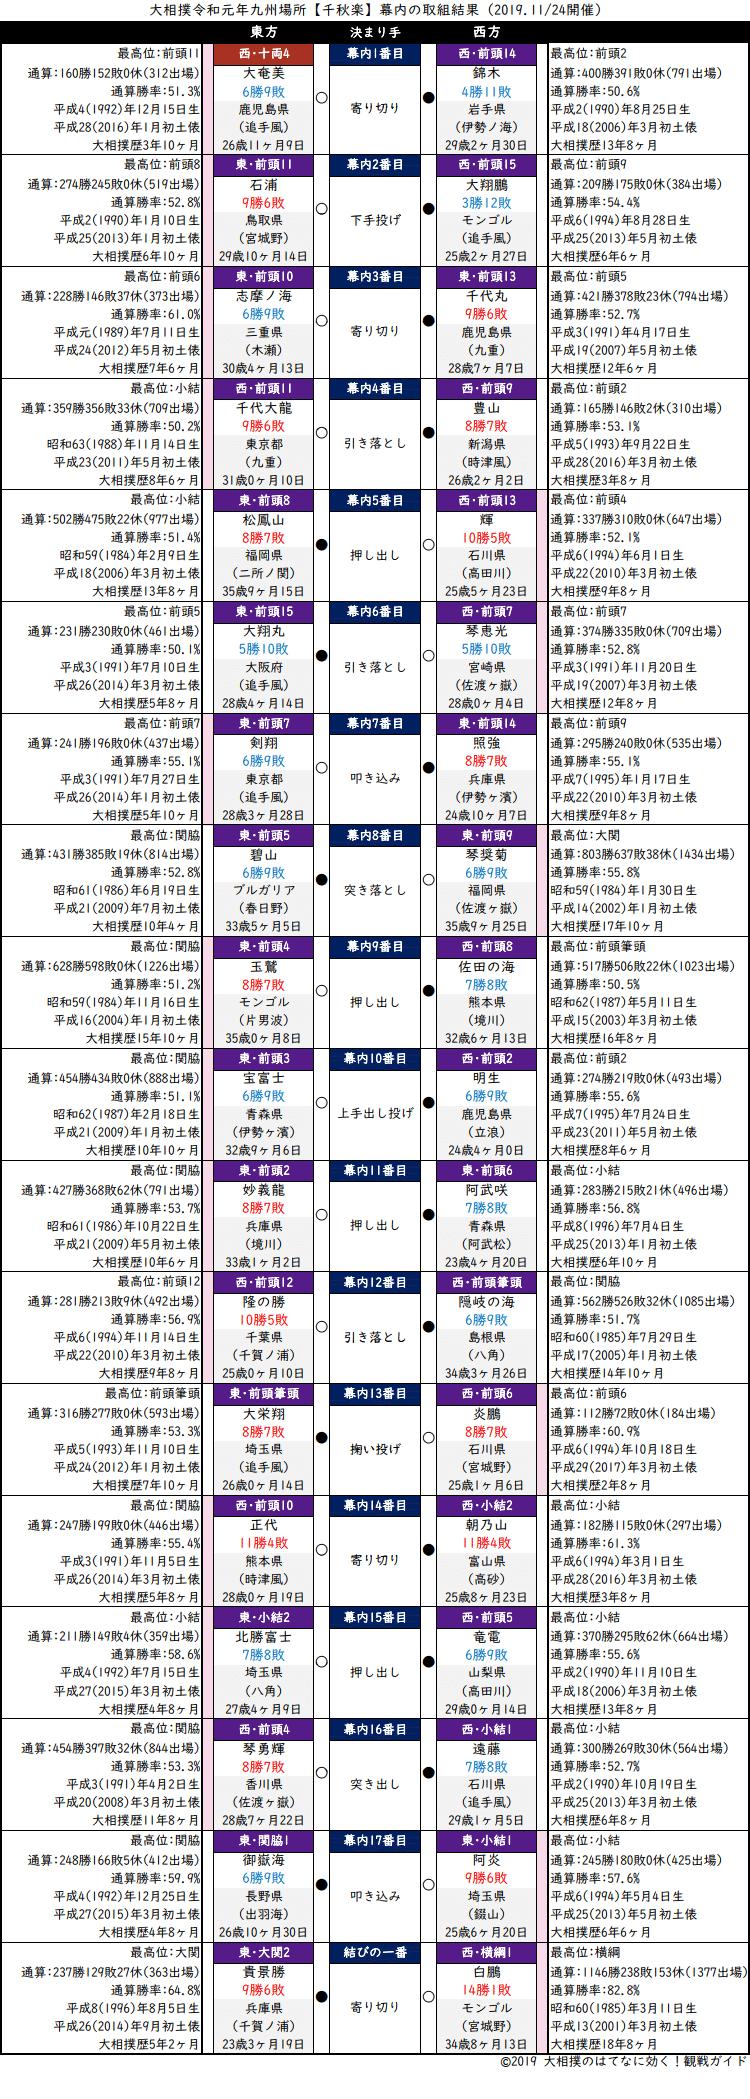 大相撲・2019年11月場所千秋楽・幕内の取組結果